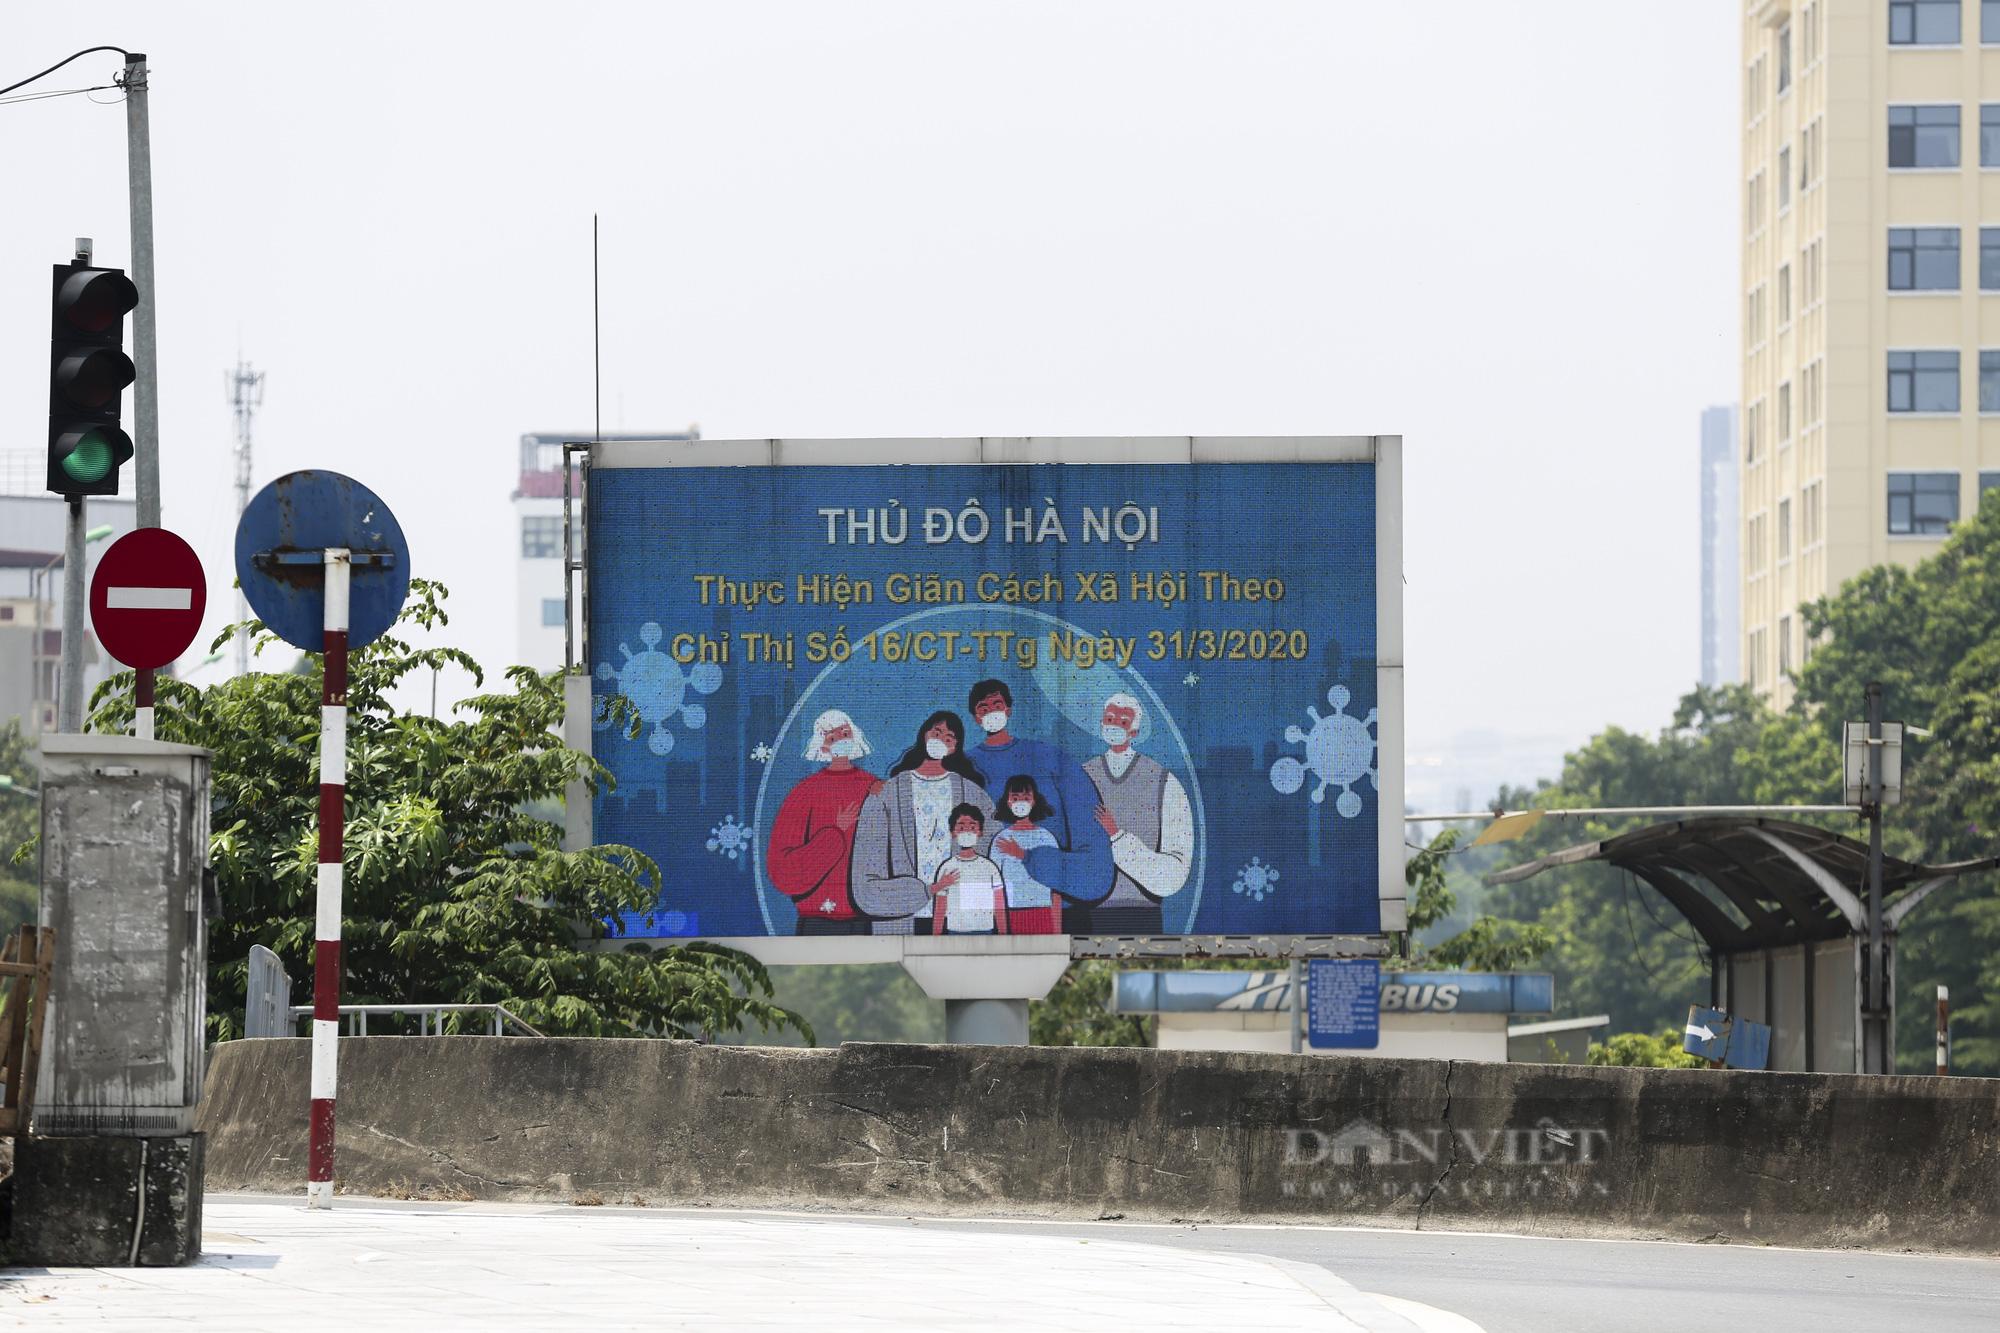 Đường phố Hà Nội xuất hiện những thông điệp tiếp thêm sức mạnh trong công tác phòng, chống Covid-19  - Ảnh 11.